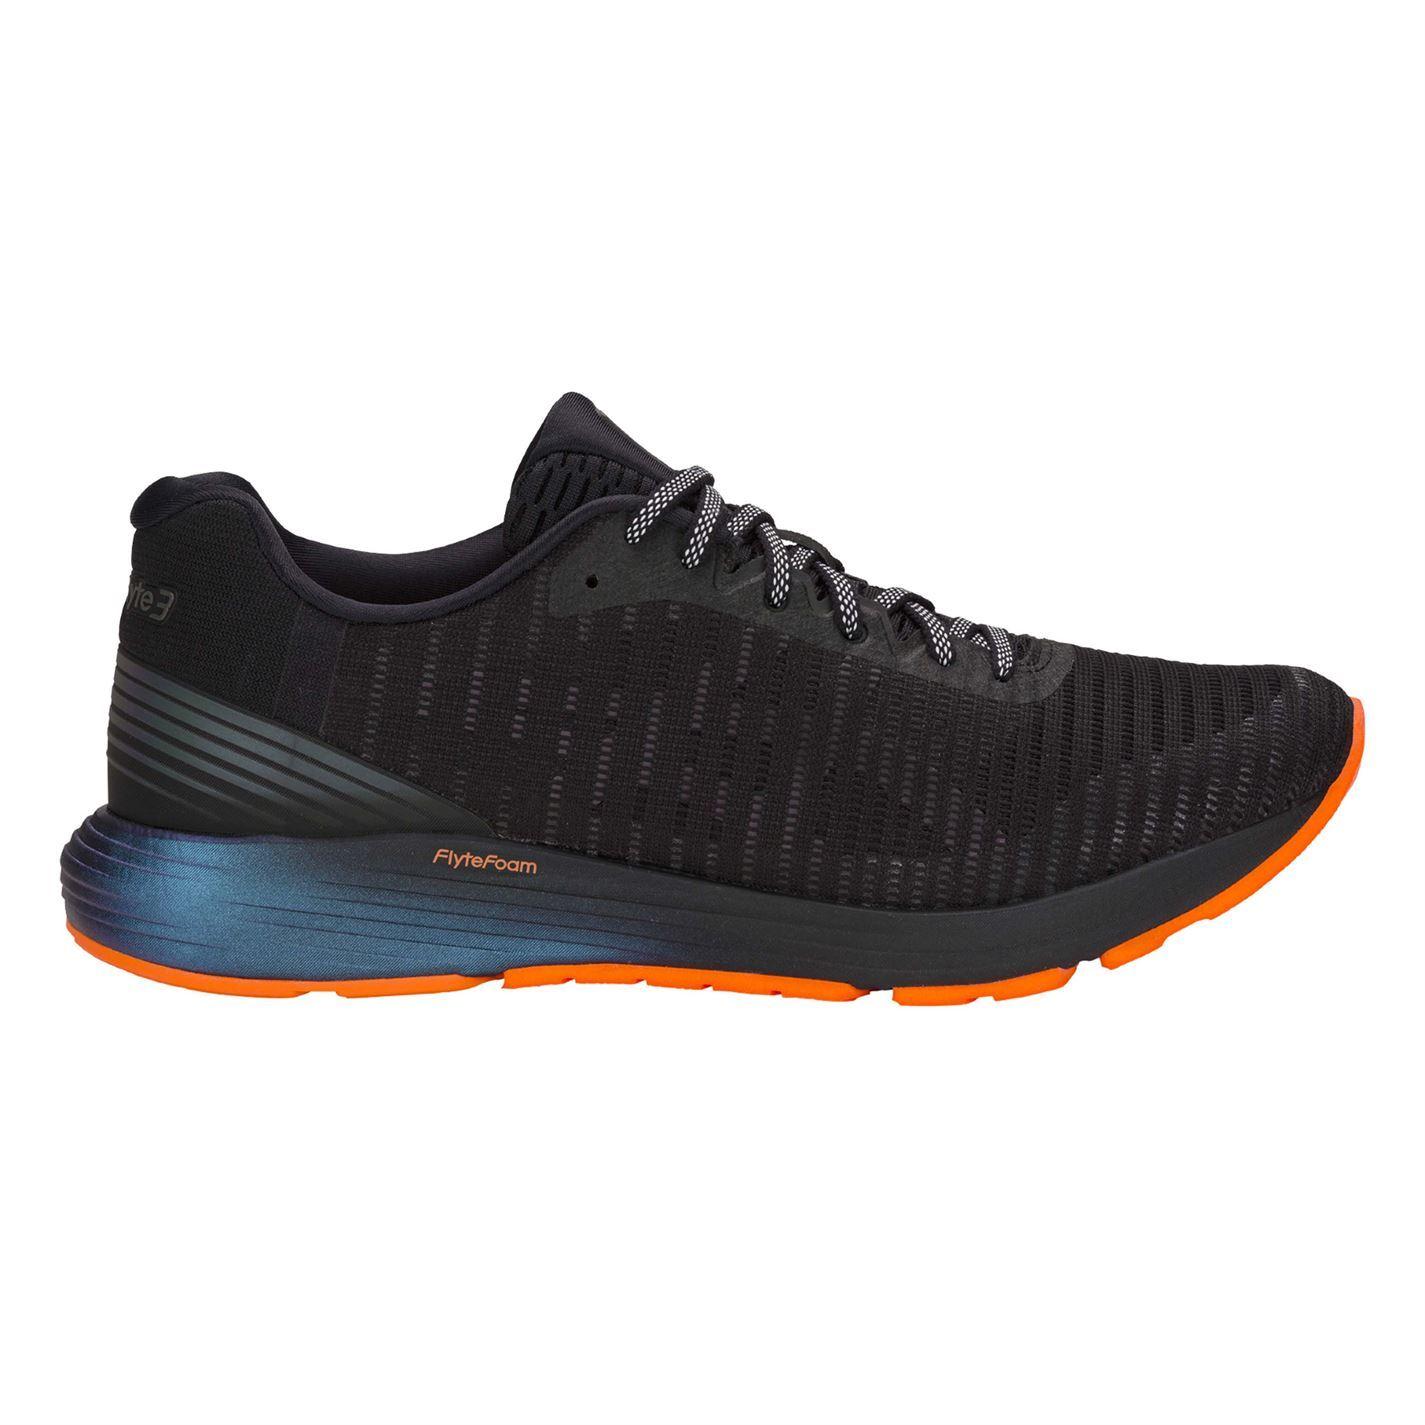 Asics  DynaFlyte 3 LS Road Running Schuhes  Asics Herren df8d0e